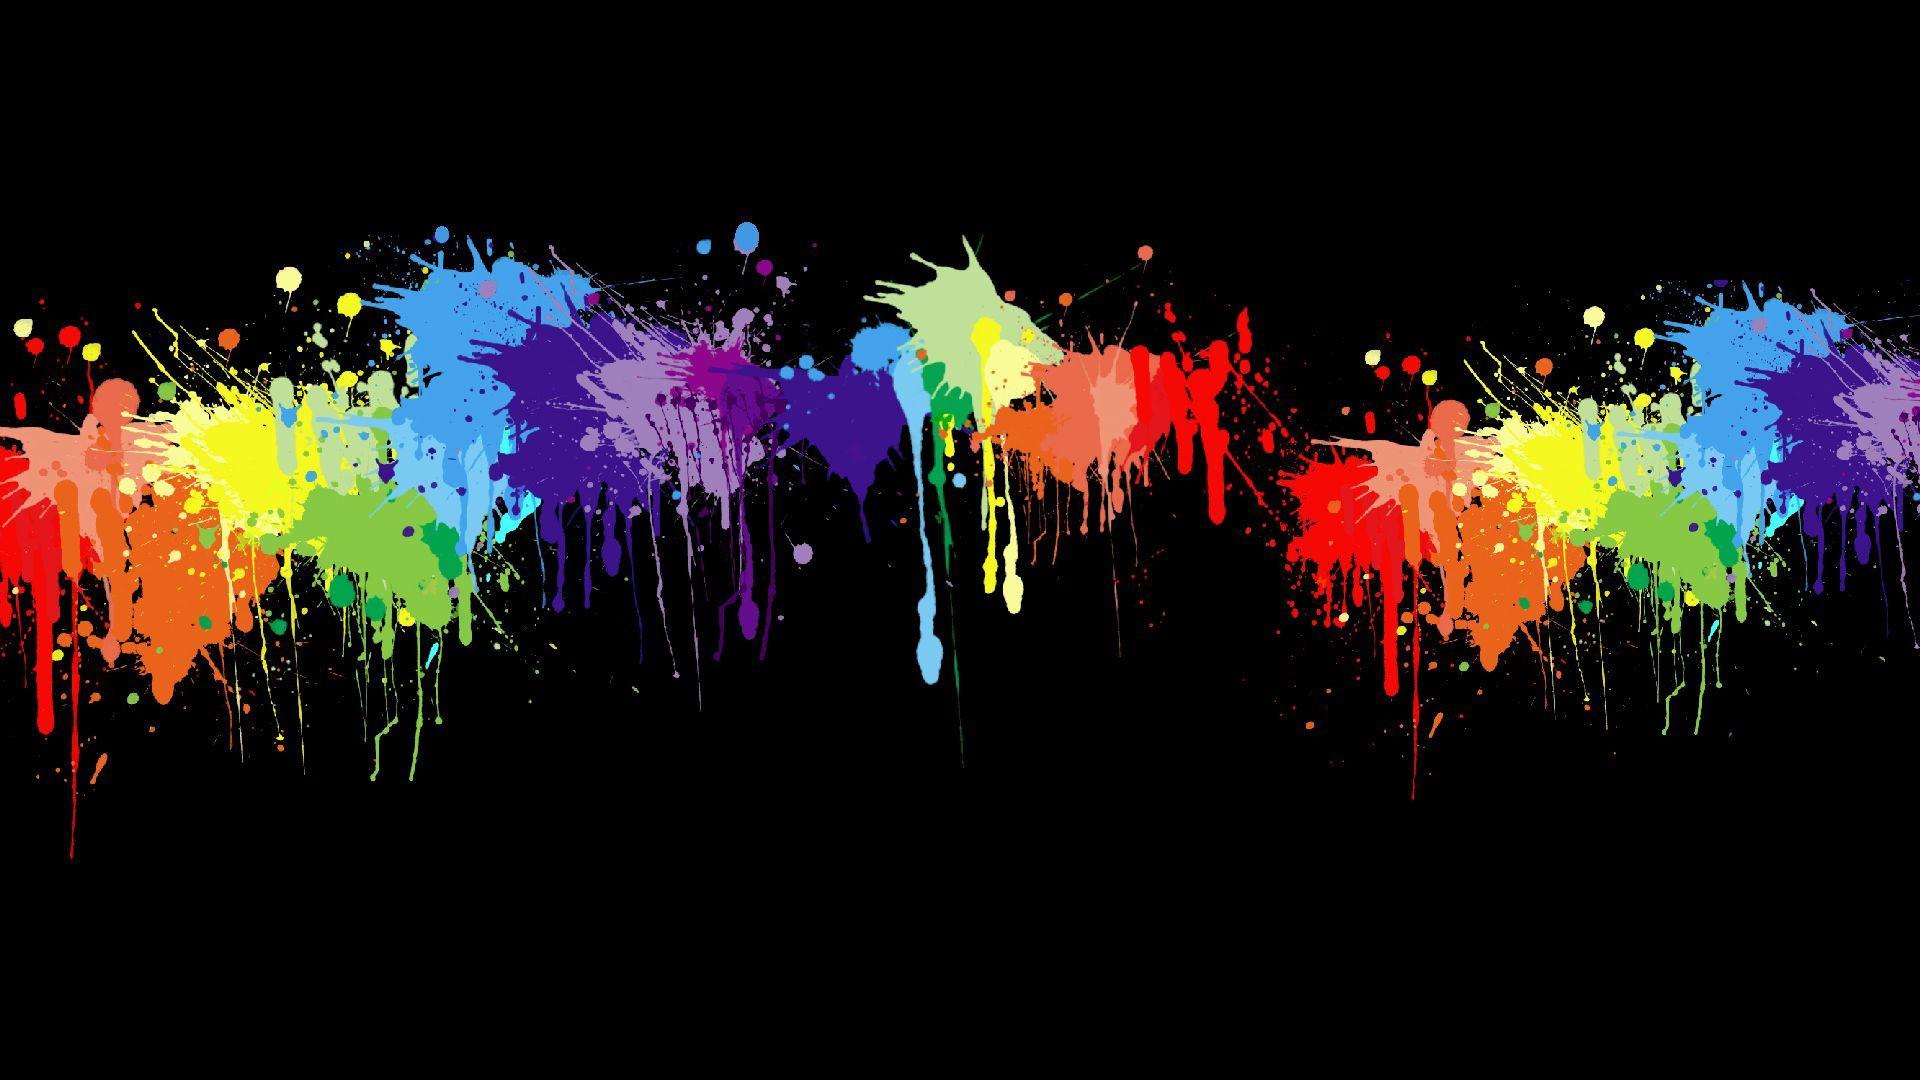 Neon Splatter Wallpaper | www.topsimages.com